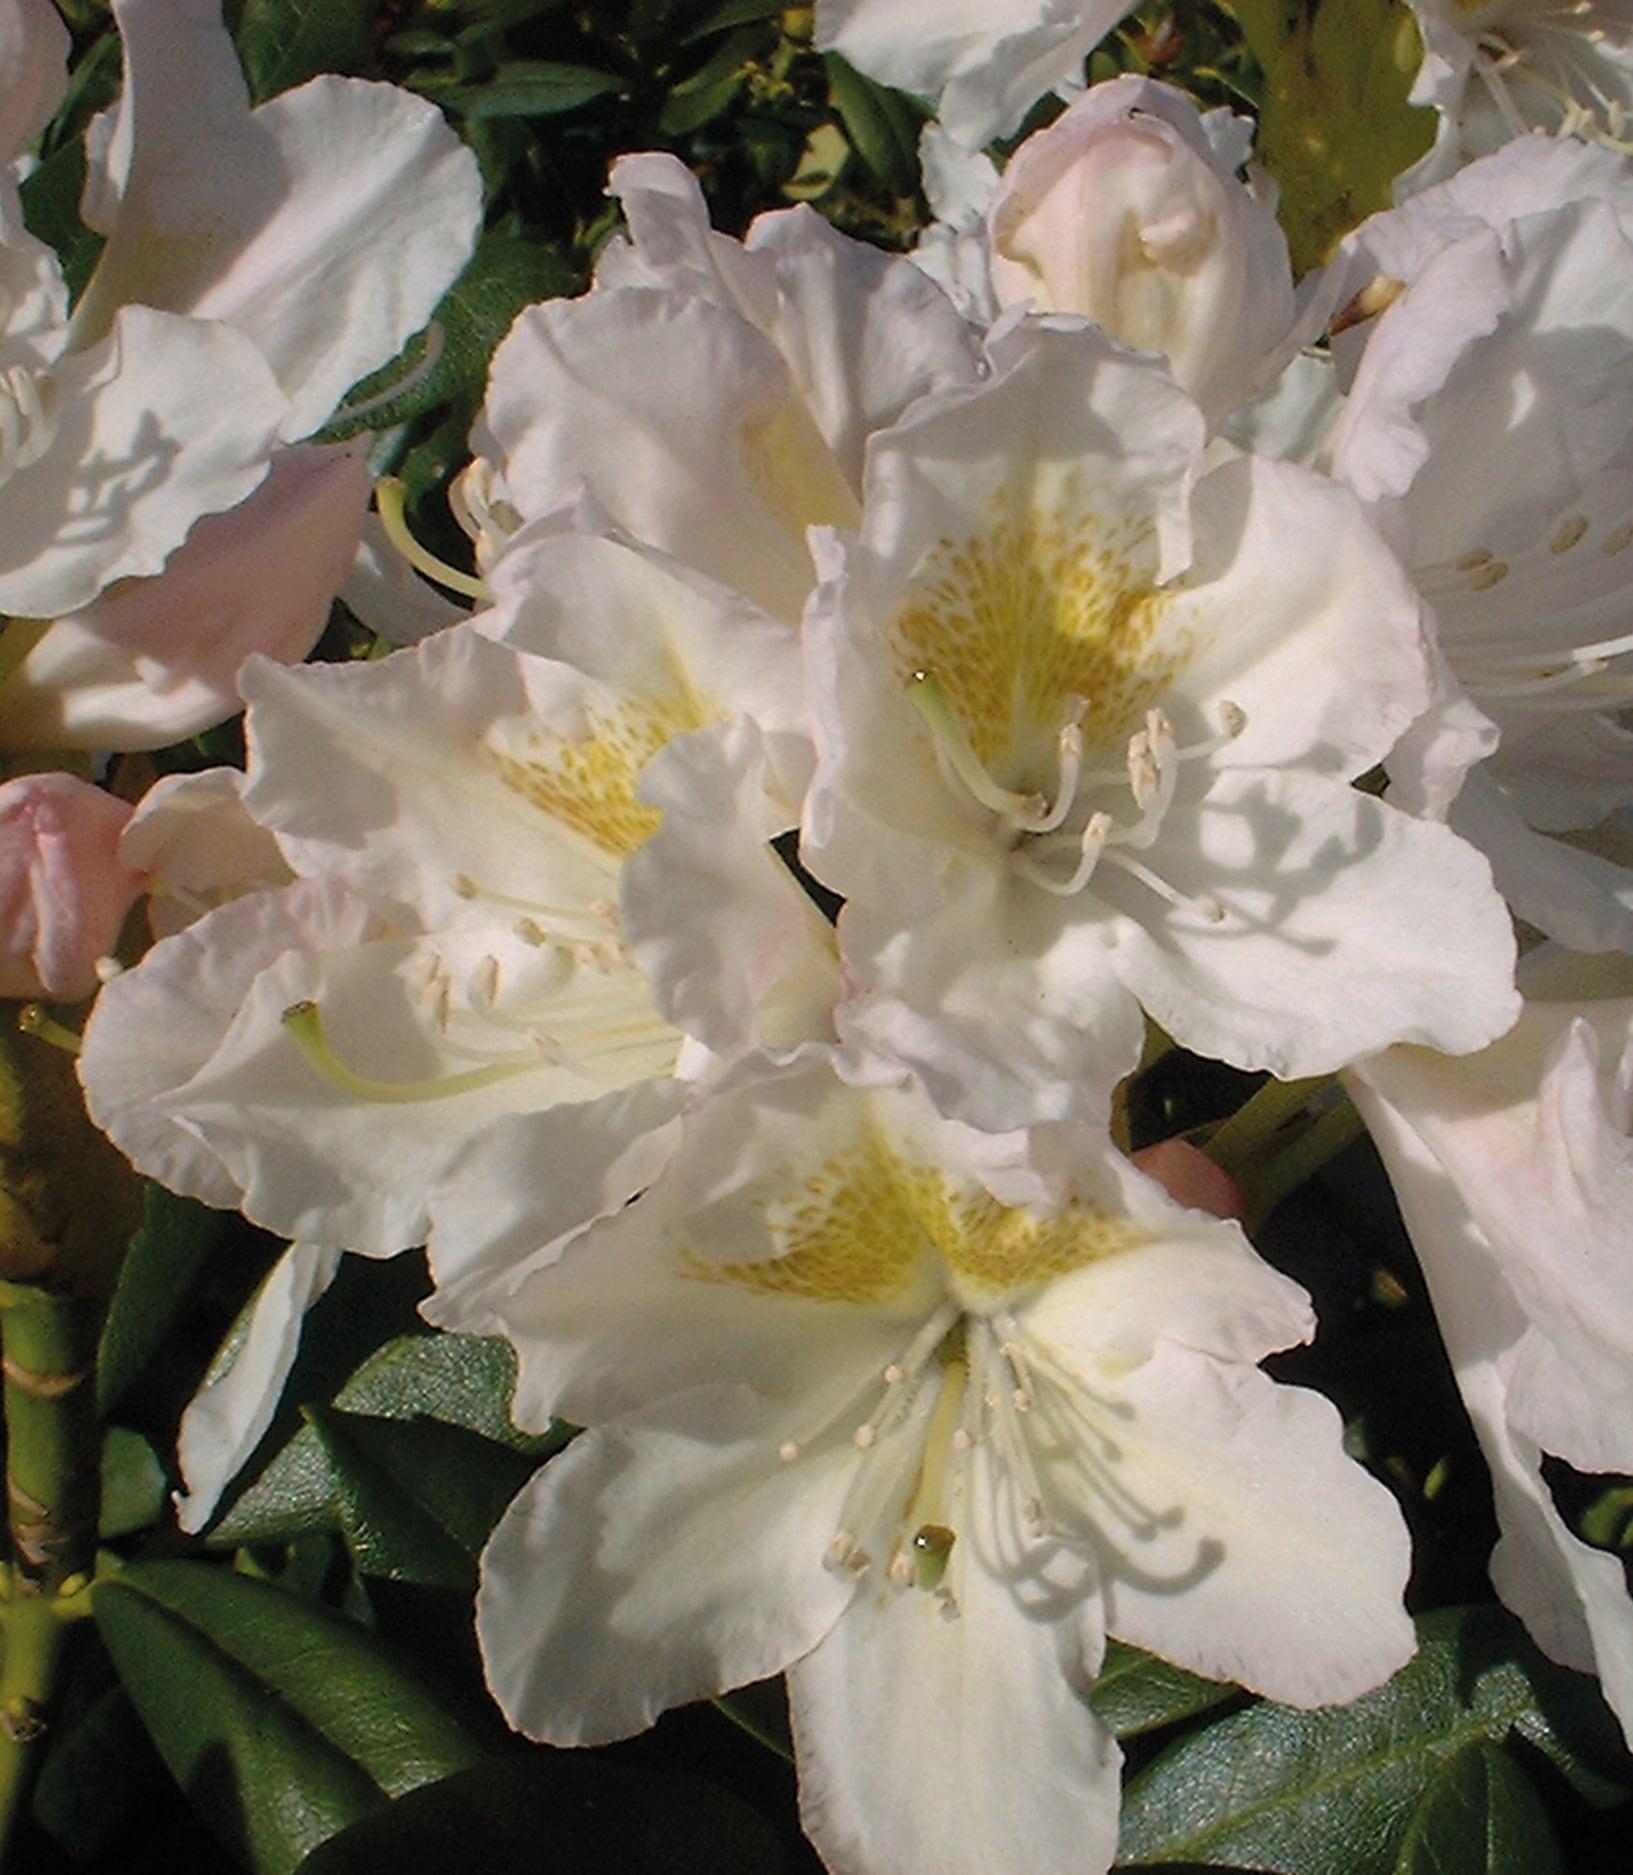 Rhododendron-Bcm-Ziergehoelze-Cunningham-039-S-White-Pflanzen-Blueht-im-Mai Indexbild 3